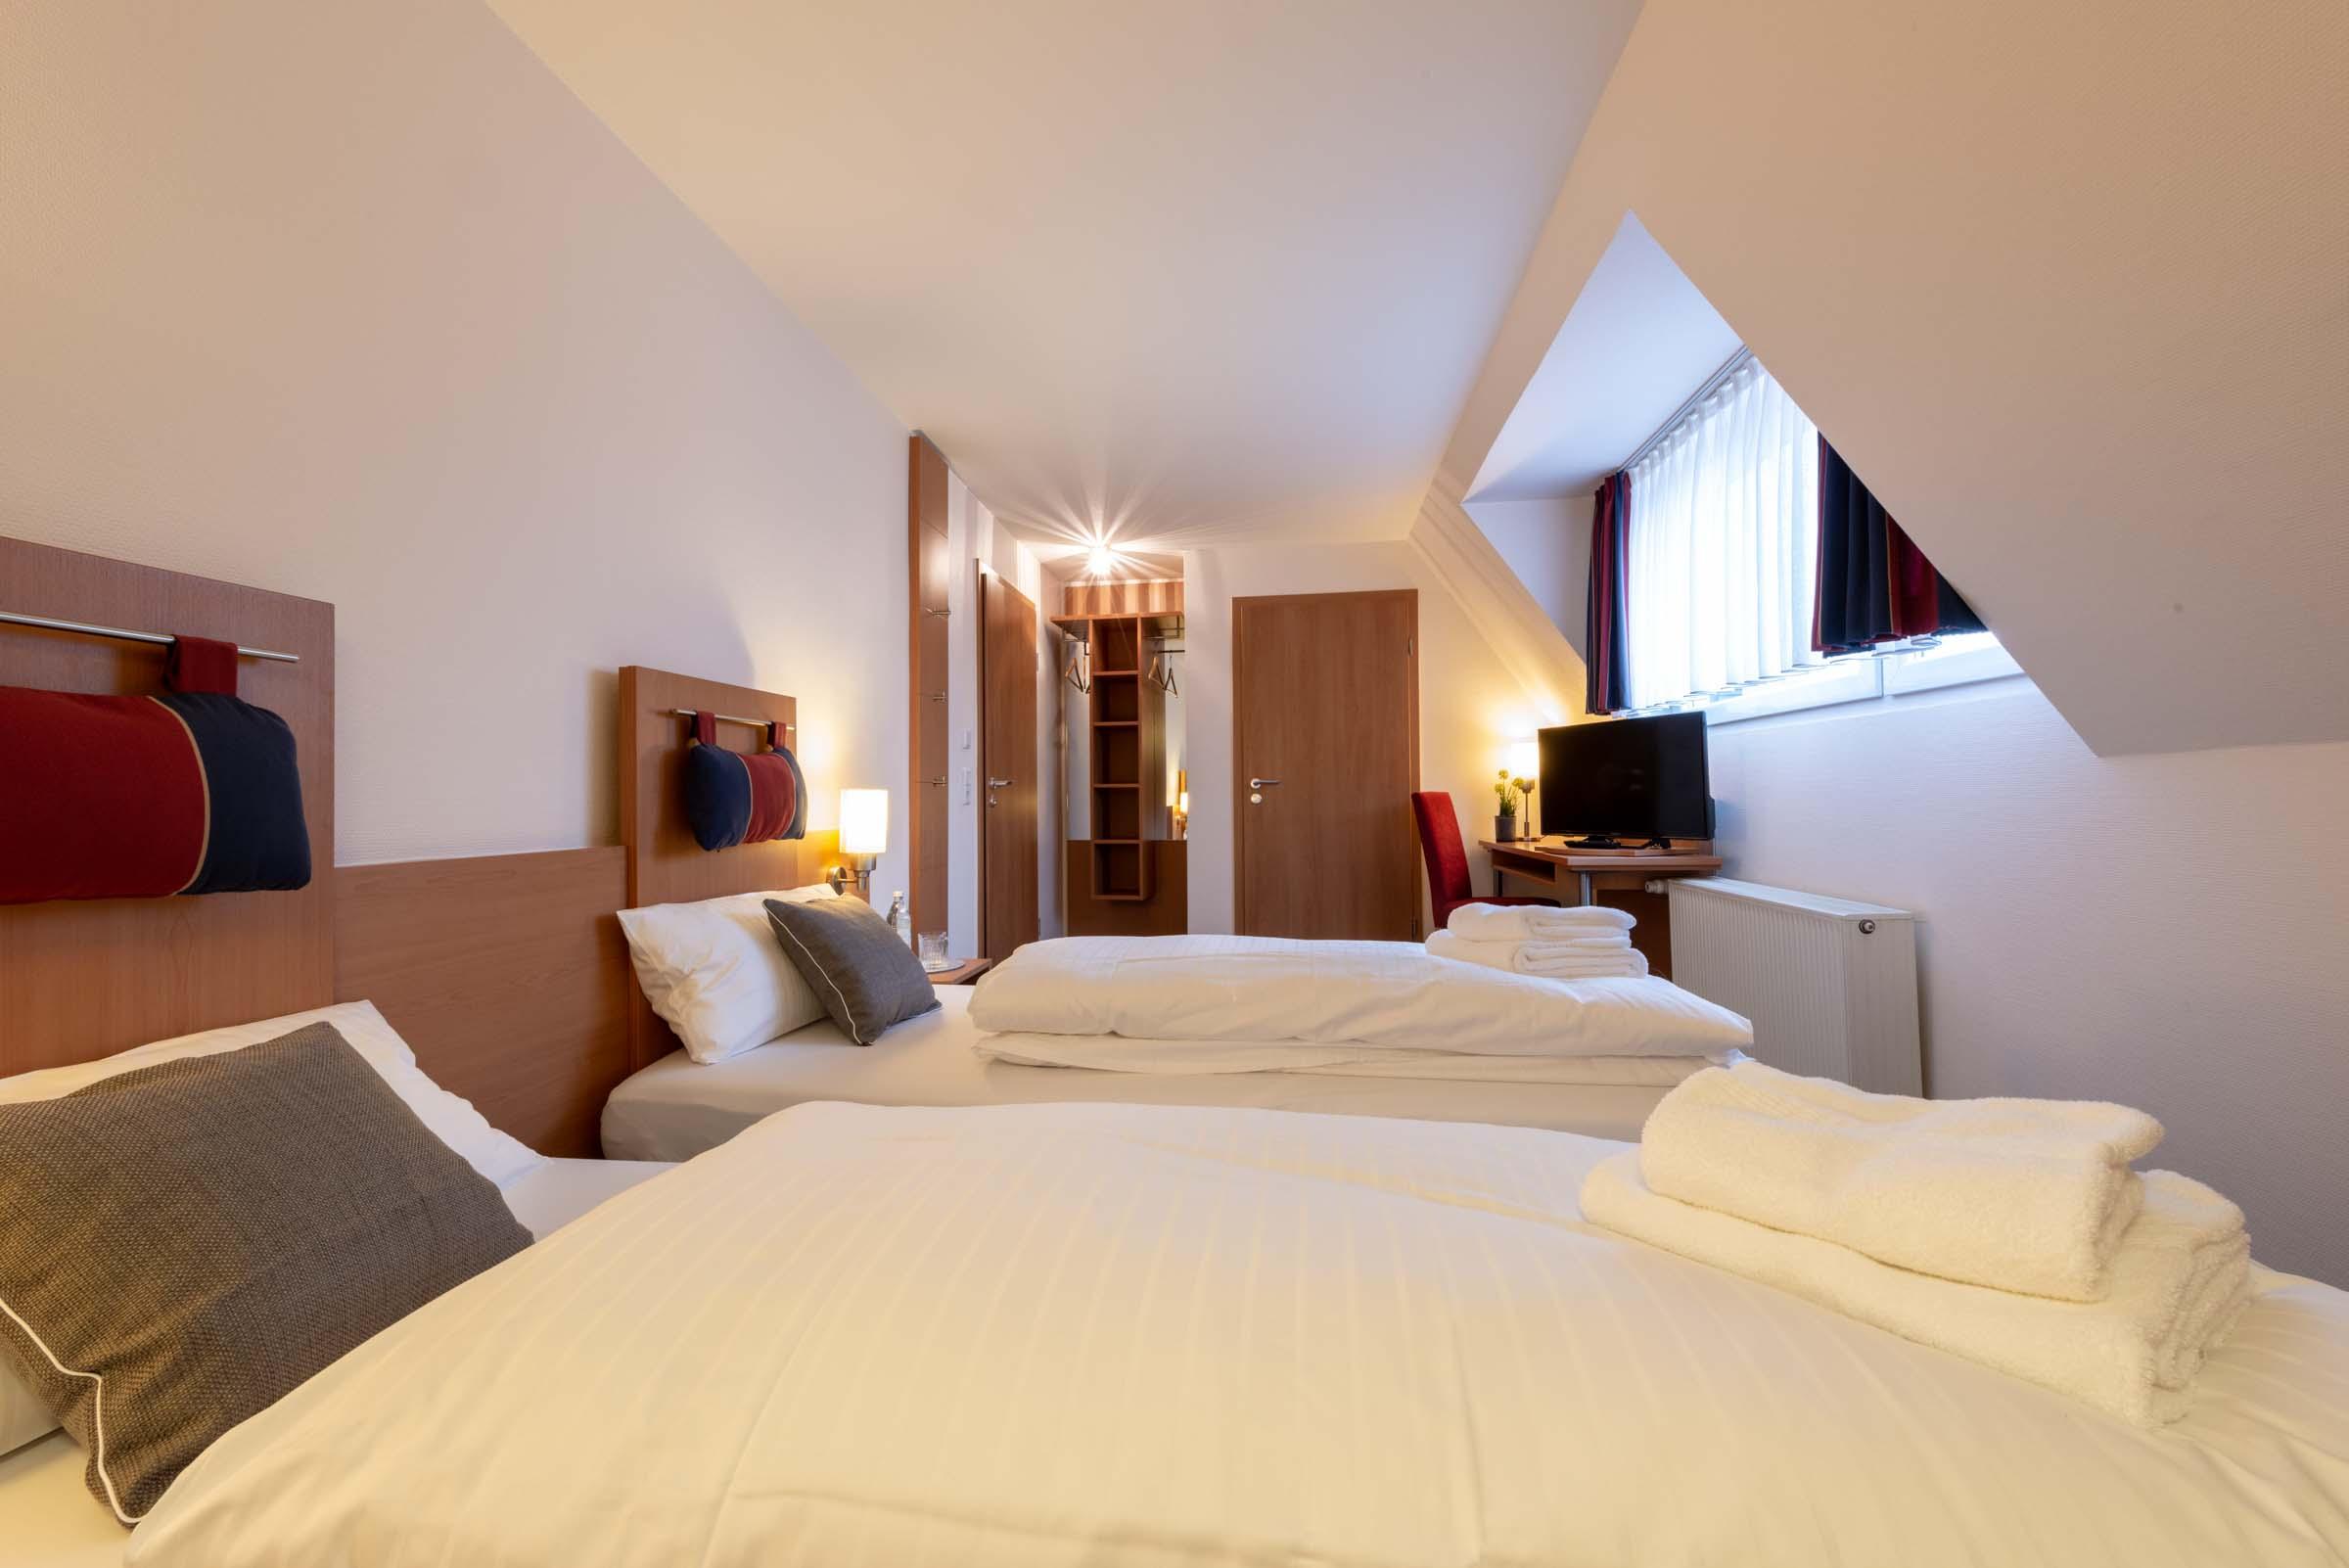 Hotel Werk 2 Bocholt Doppelzimmer